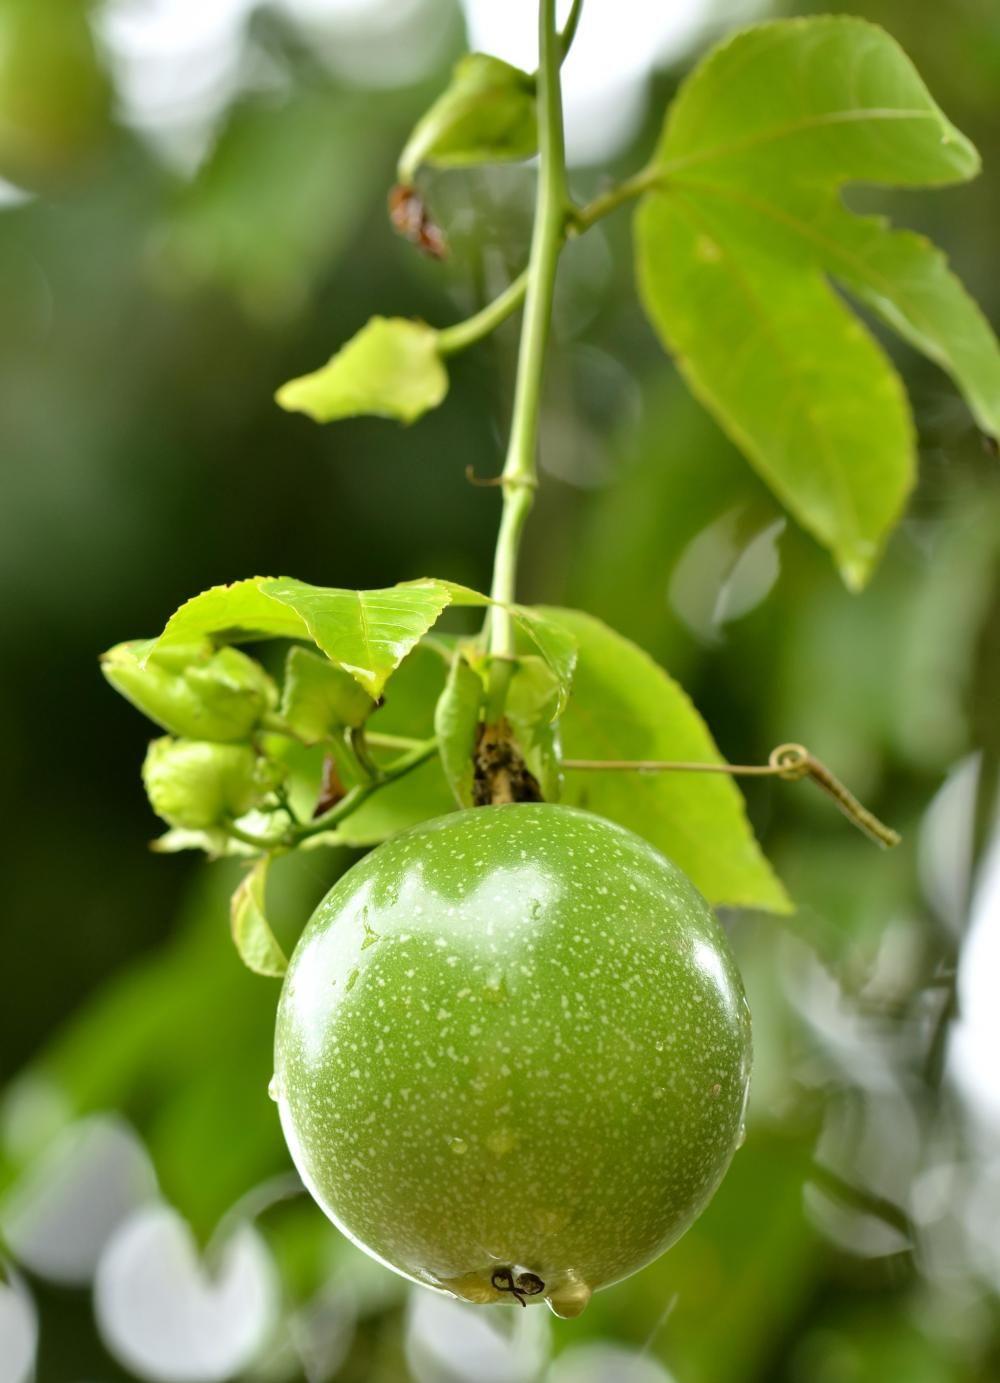 How to prune fruit trees edible fruit gardening fruit